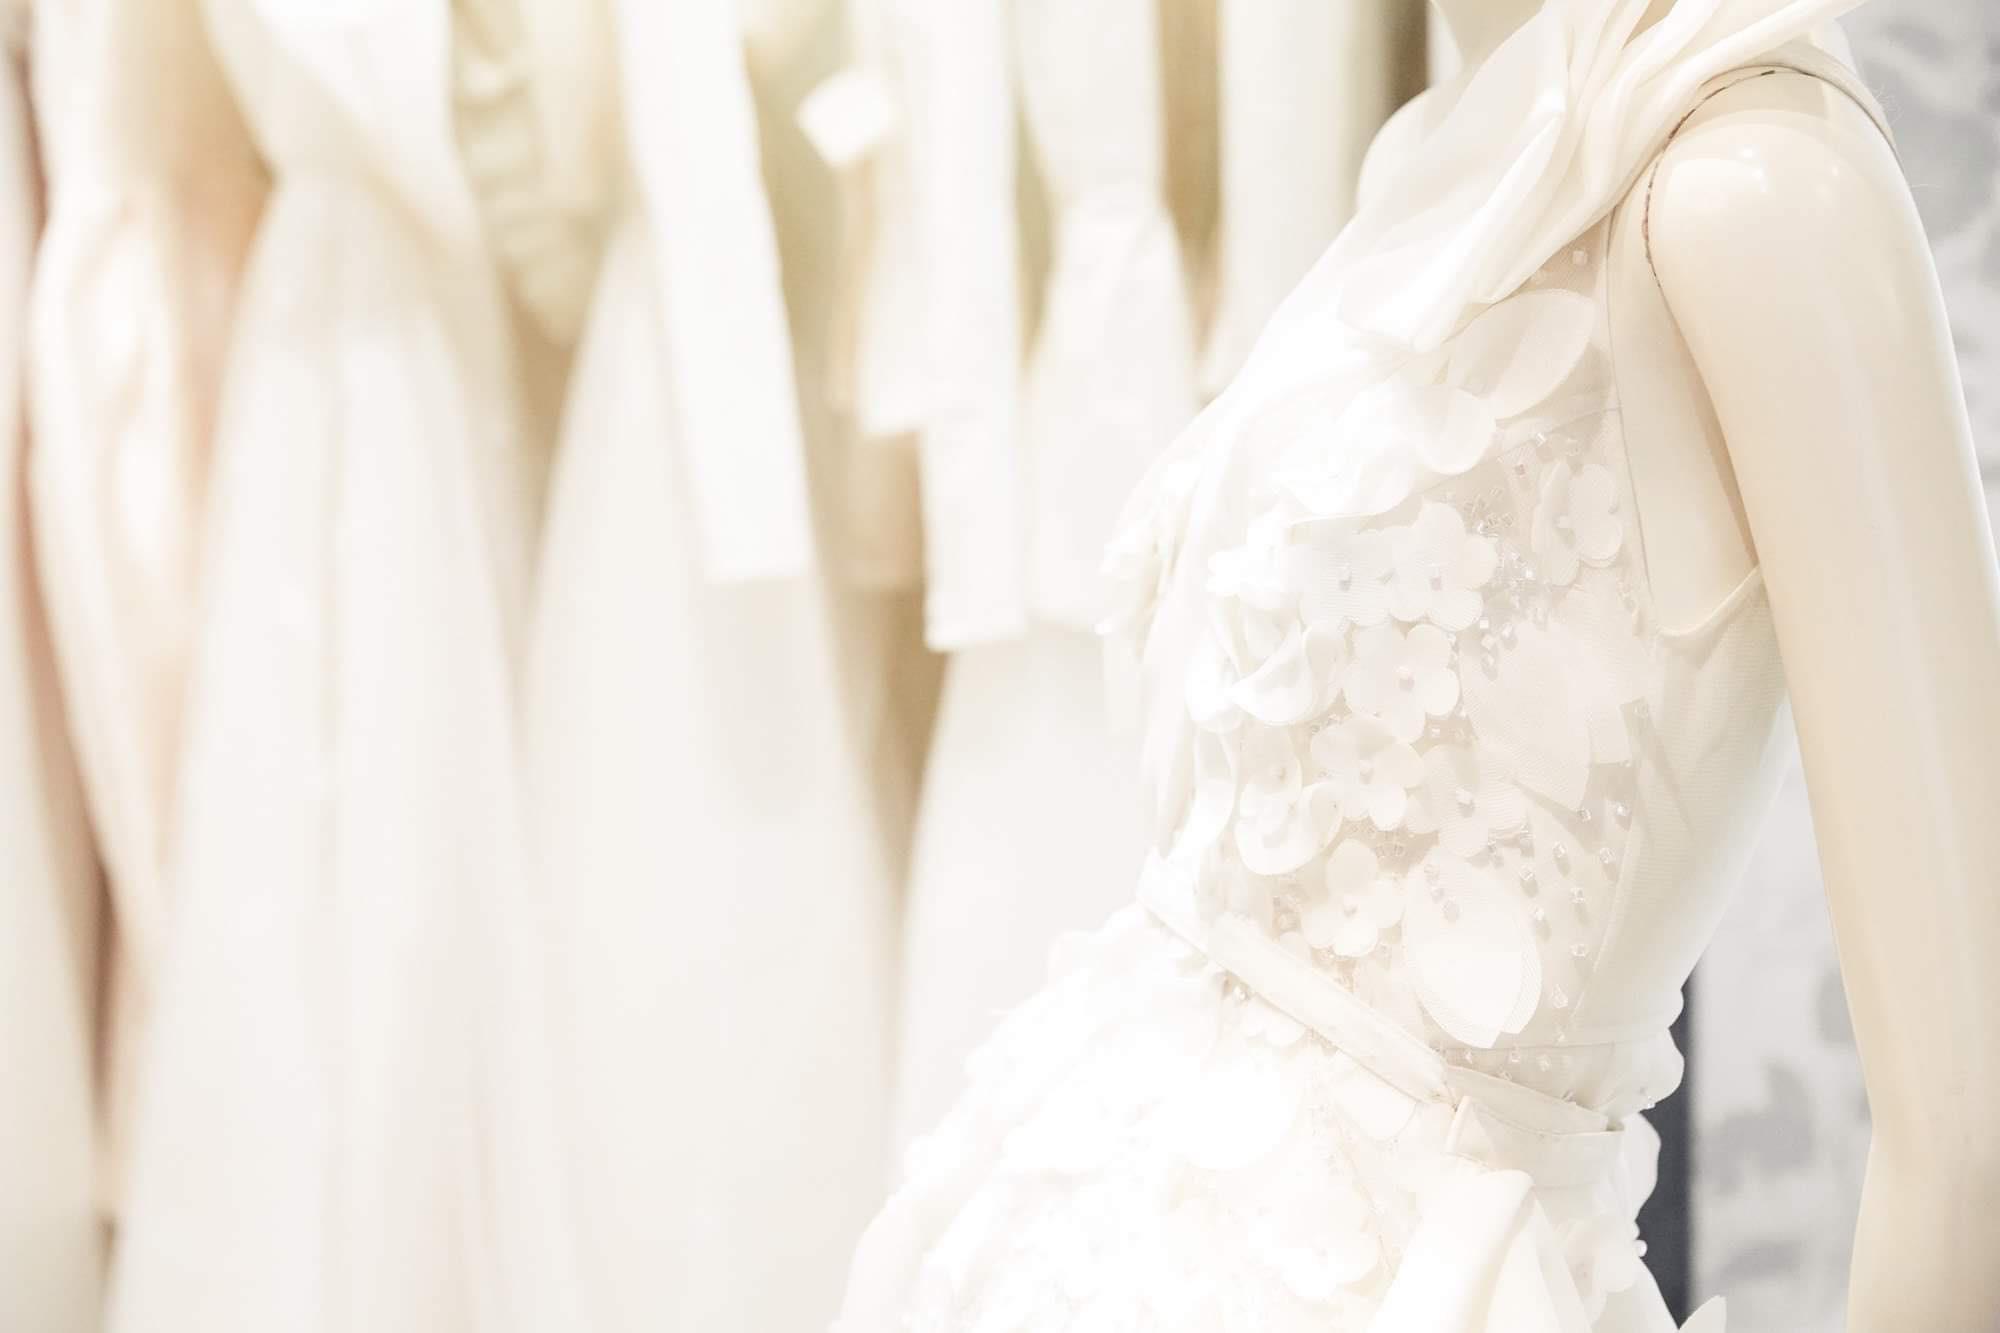 Ngắm váy cưới của nhà thiết kế Việt tại tiệm đồ cưới nổi tiếng New York - Ảnh 5.